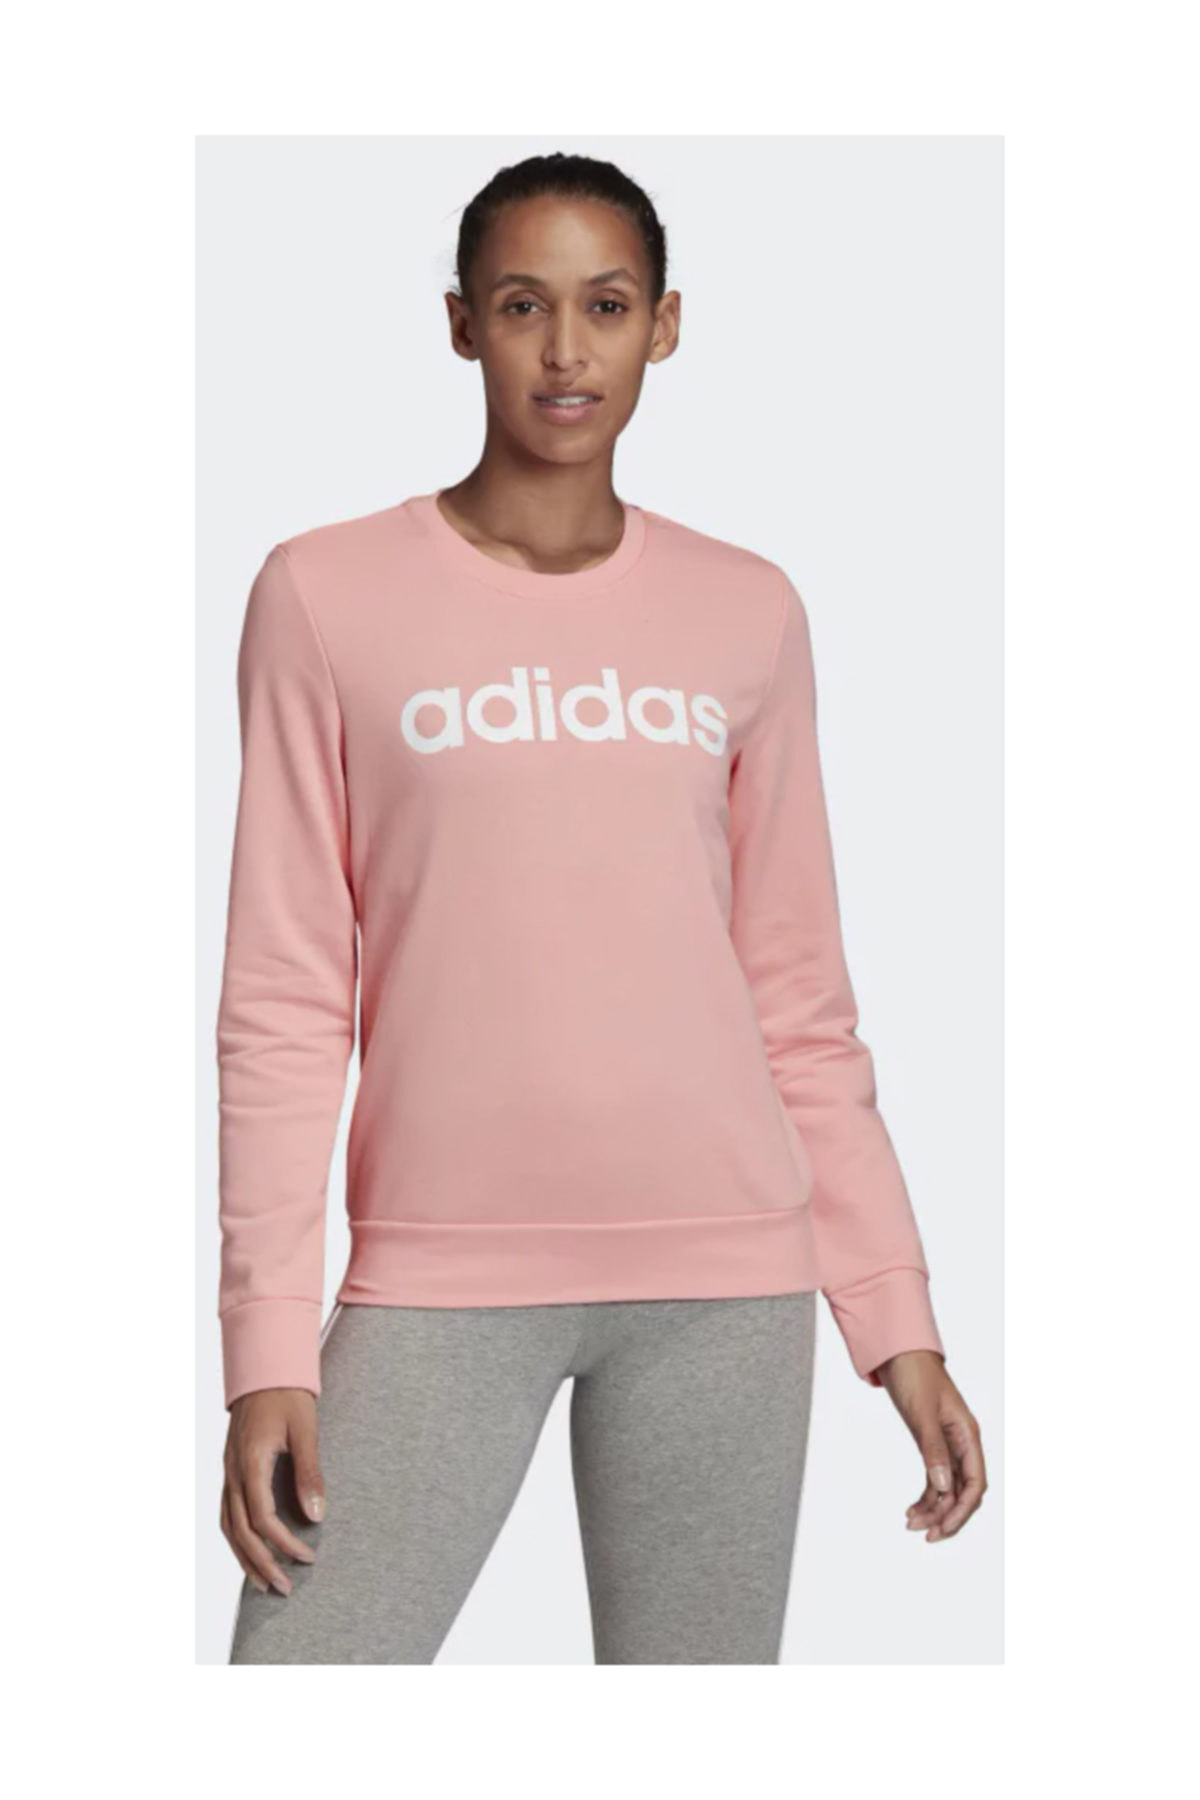 adidas Kadın Sweatshirt W E Lin Sweat Fm6433 1